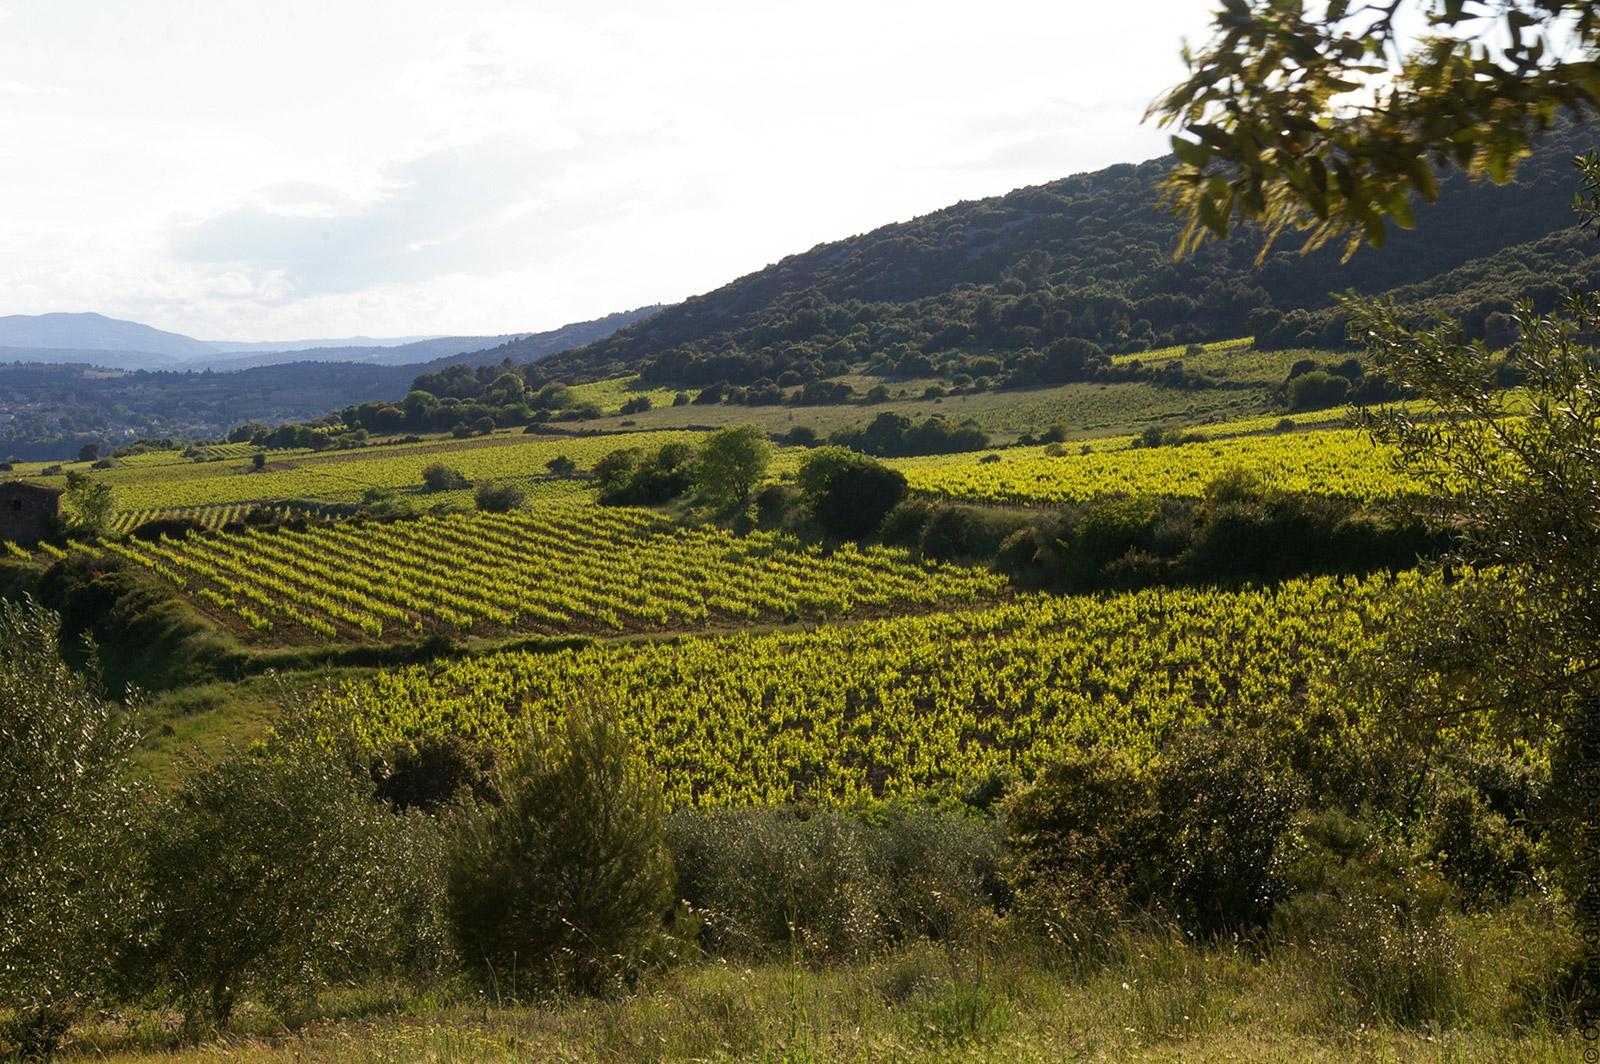 Vignoble en vallée de l'Hérault - crédits photos ©OTI Saint-Guilhem-le-Désert